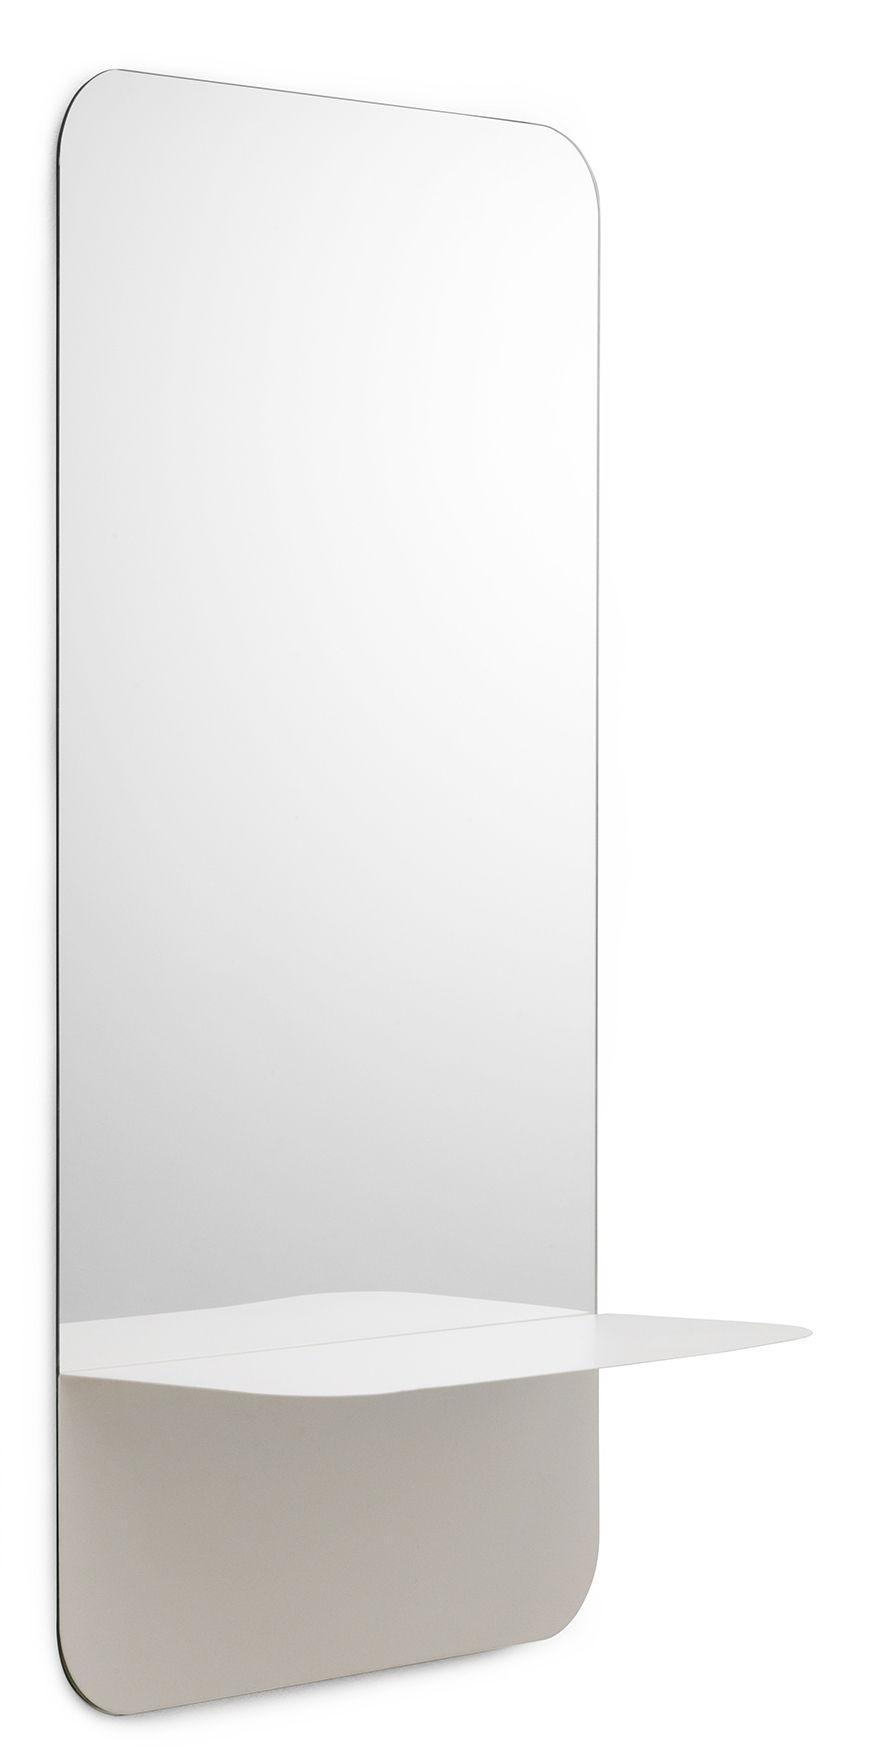 Mobilier - Etagères & bibliothèques - Miroir mural Horizon   Vertical / Etagère - L 40 x H 80 cm - Normann Copenhagen - Etagère blanche - Acier laqué, Verre